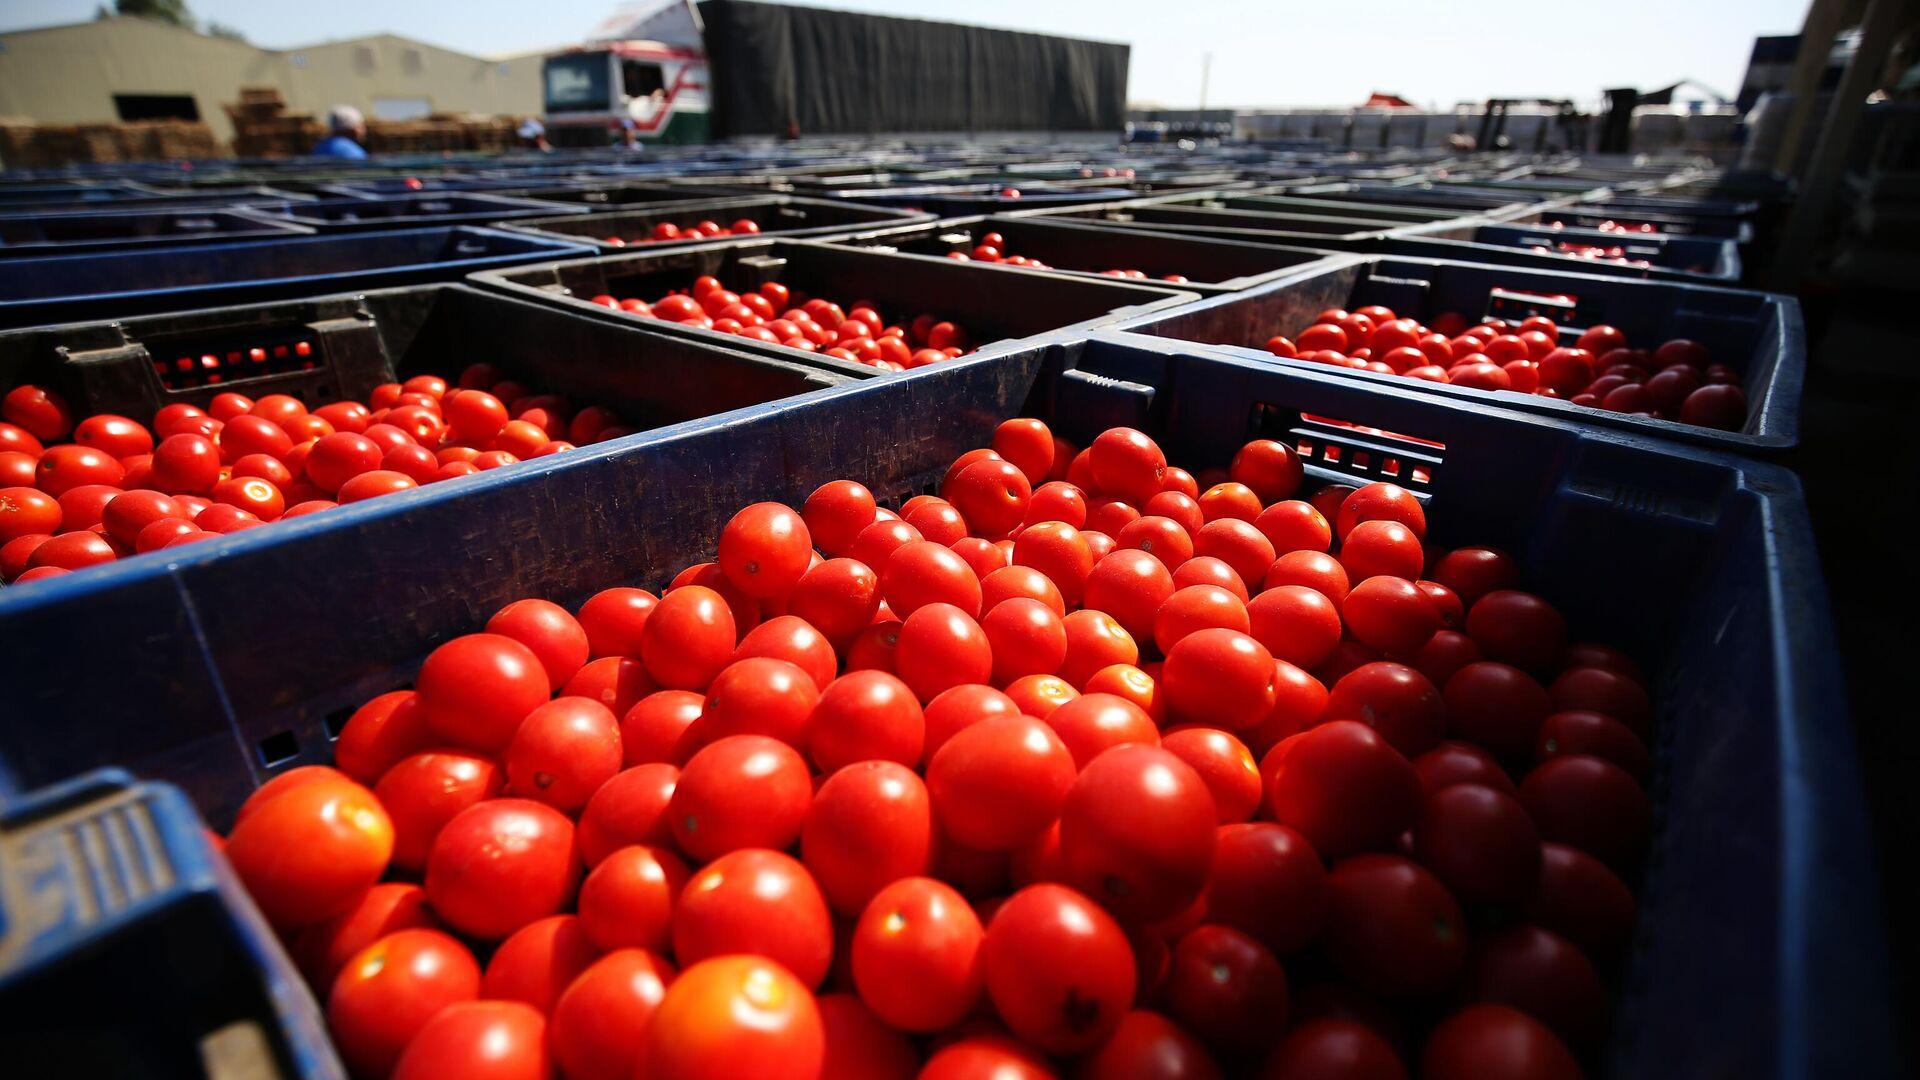 Сбор урожая помидоров в овощеводческом хозяйстве  - Sputnik Узбекистан, 1920, 21.07.2021